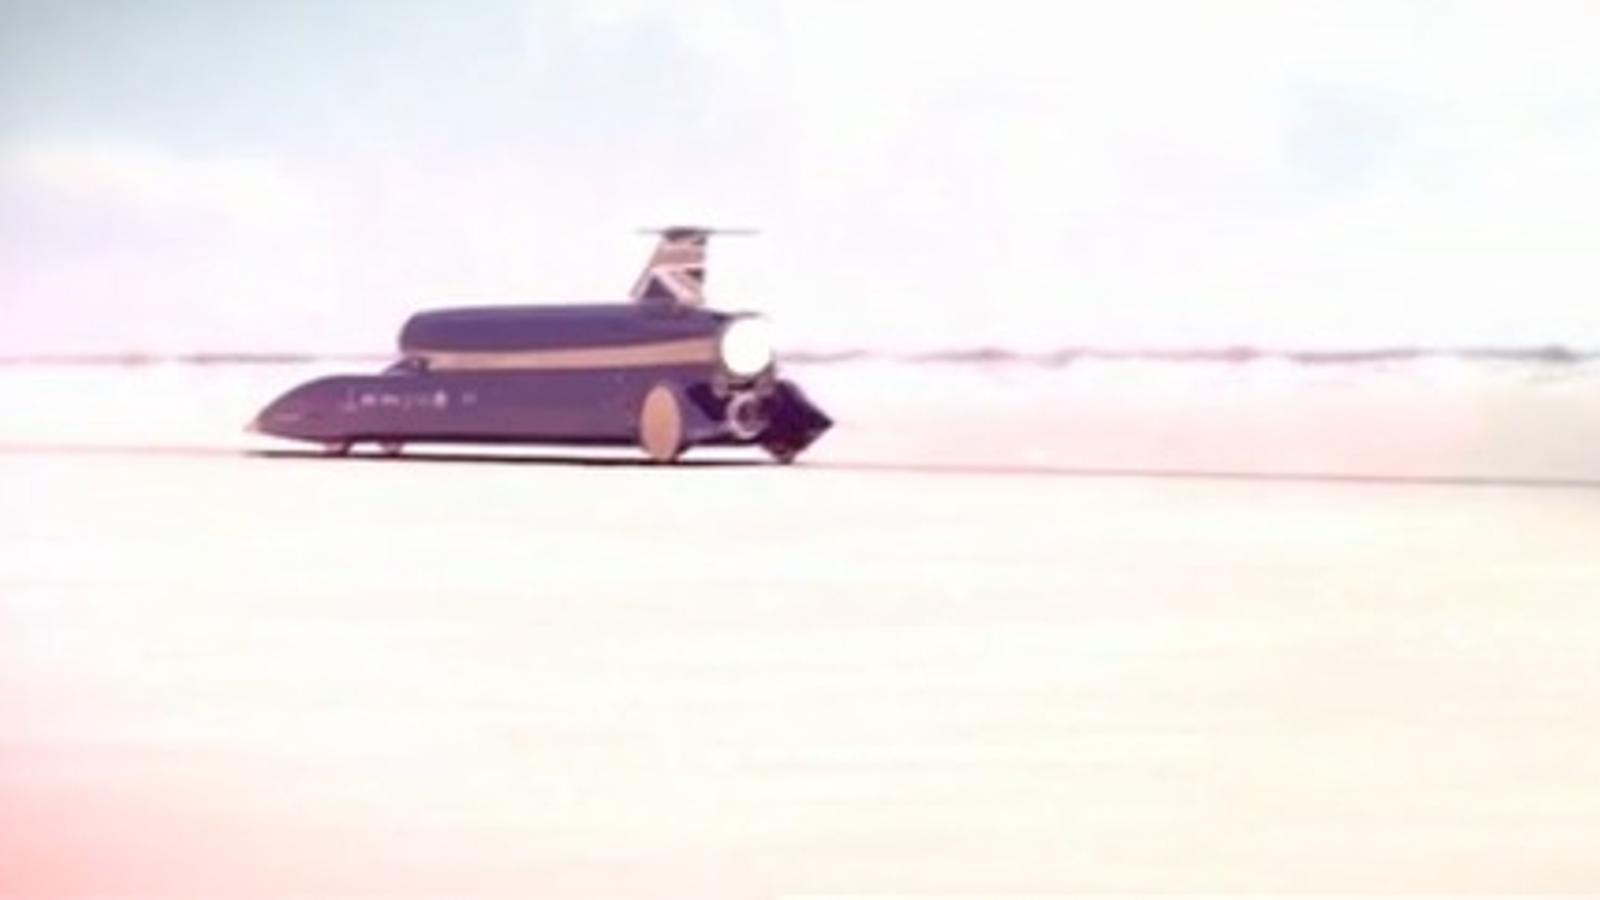 Demostració virtual de 'Bloodhound', el cotxe que vol superar els 1600 km/h